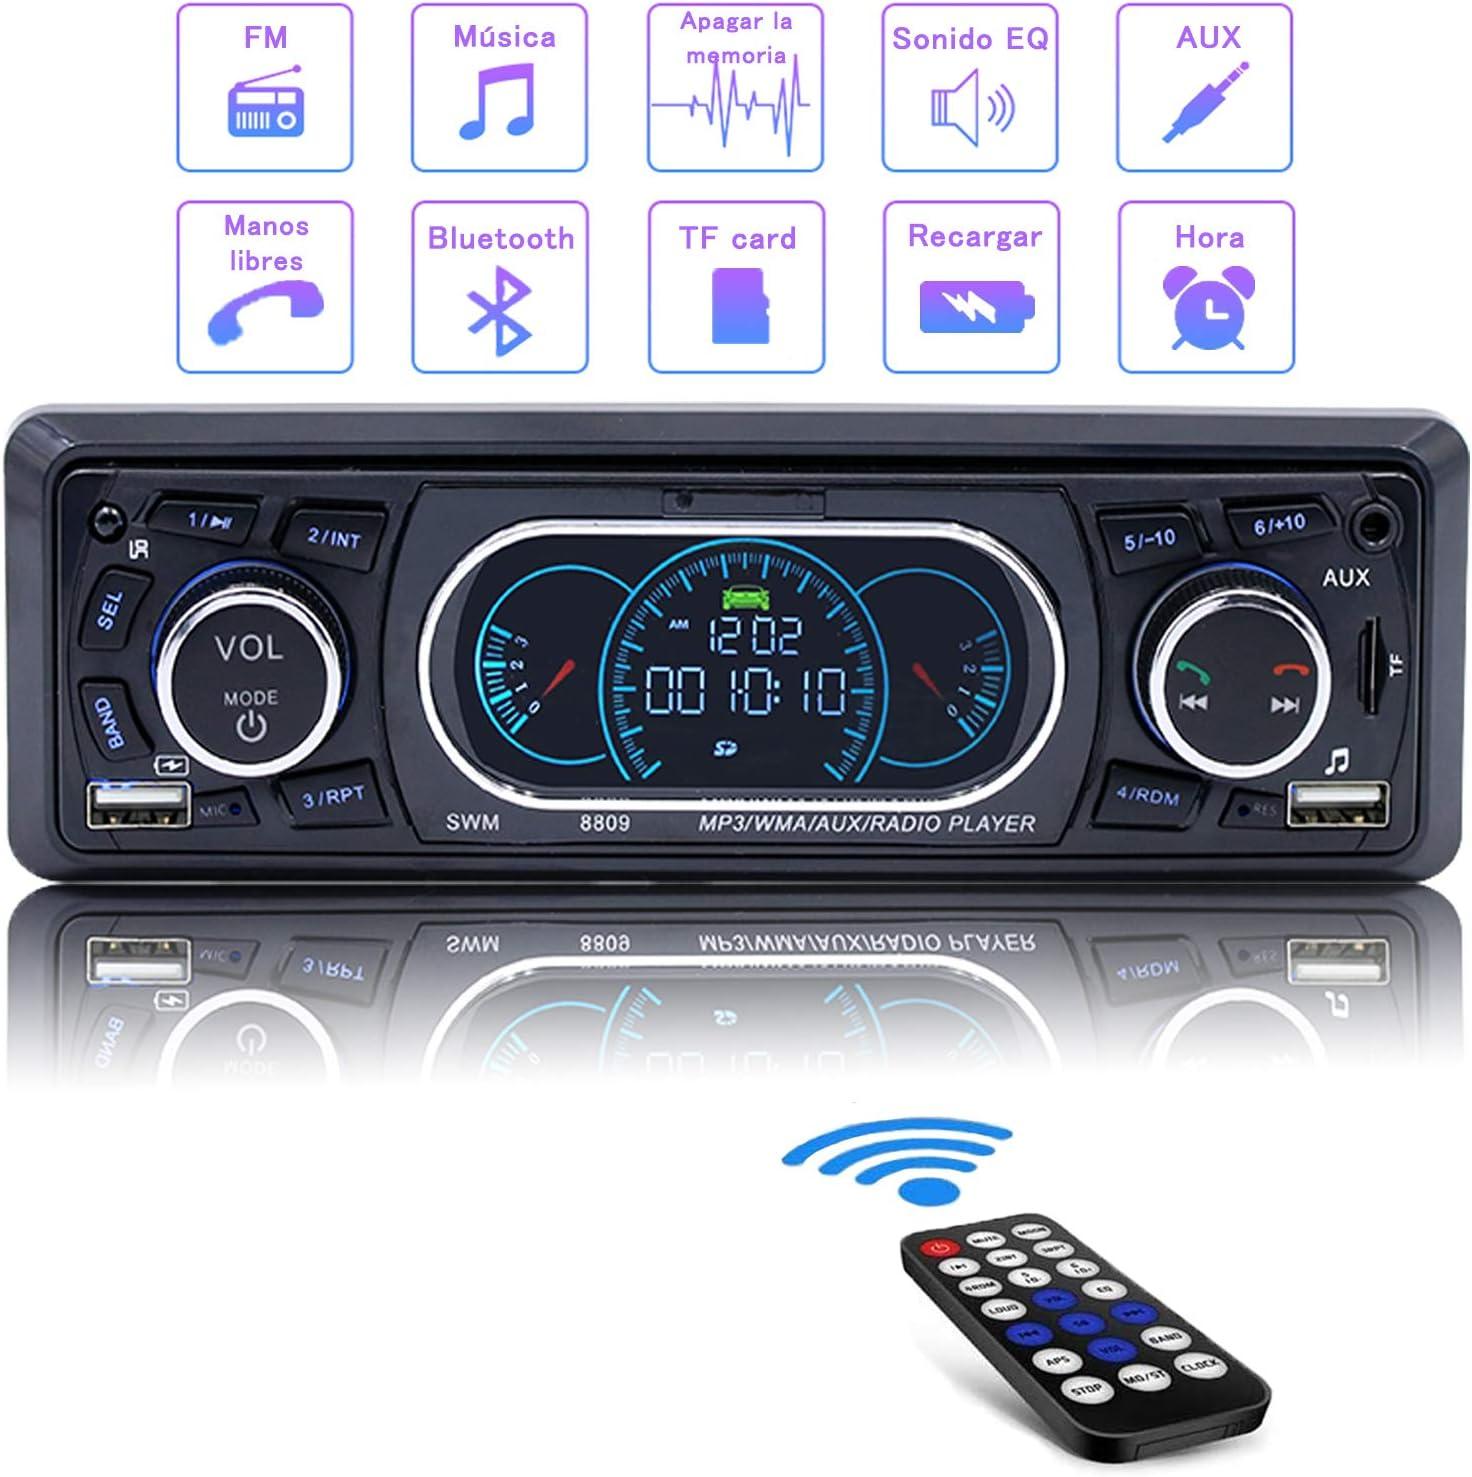 Radio Coche, Autodio Bluetooth, Apoyo de Reproductor MP3 Llamadas Manos Libres Apoyo Control Remoto con Doble USB/TF/Función AUX,Radio Esteréo con Carga Rápida